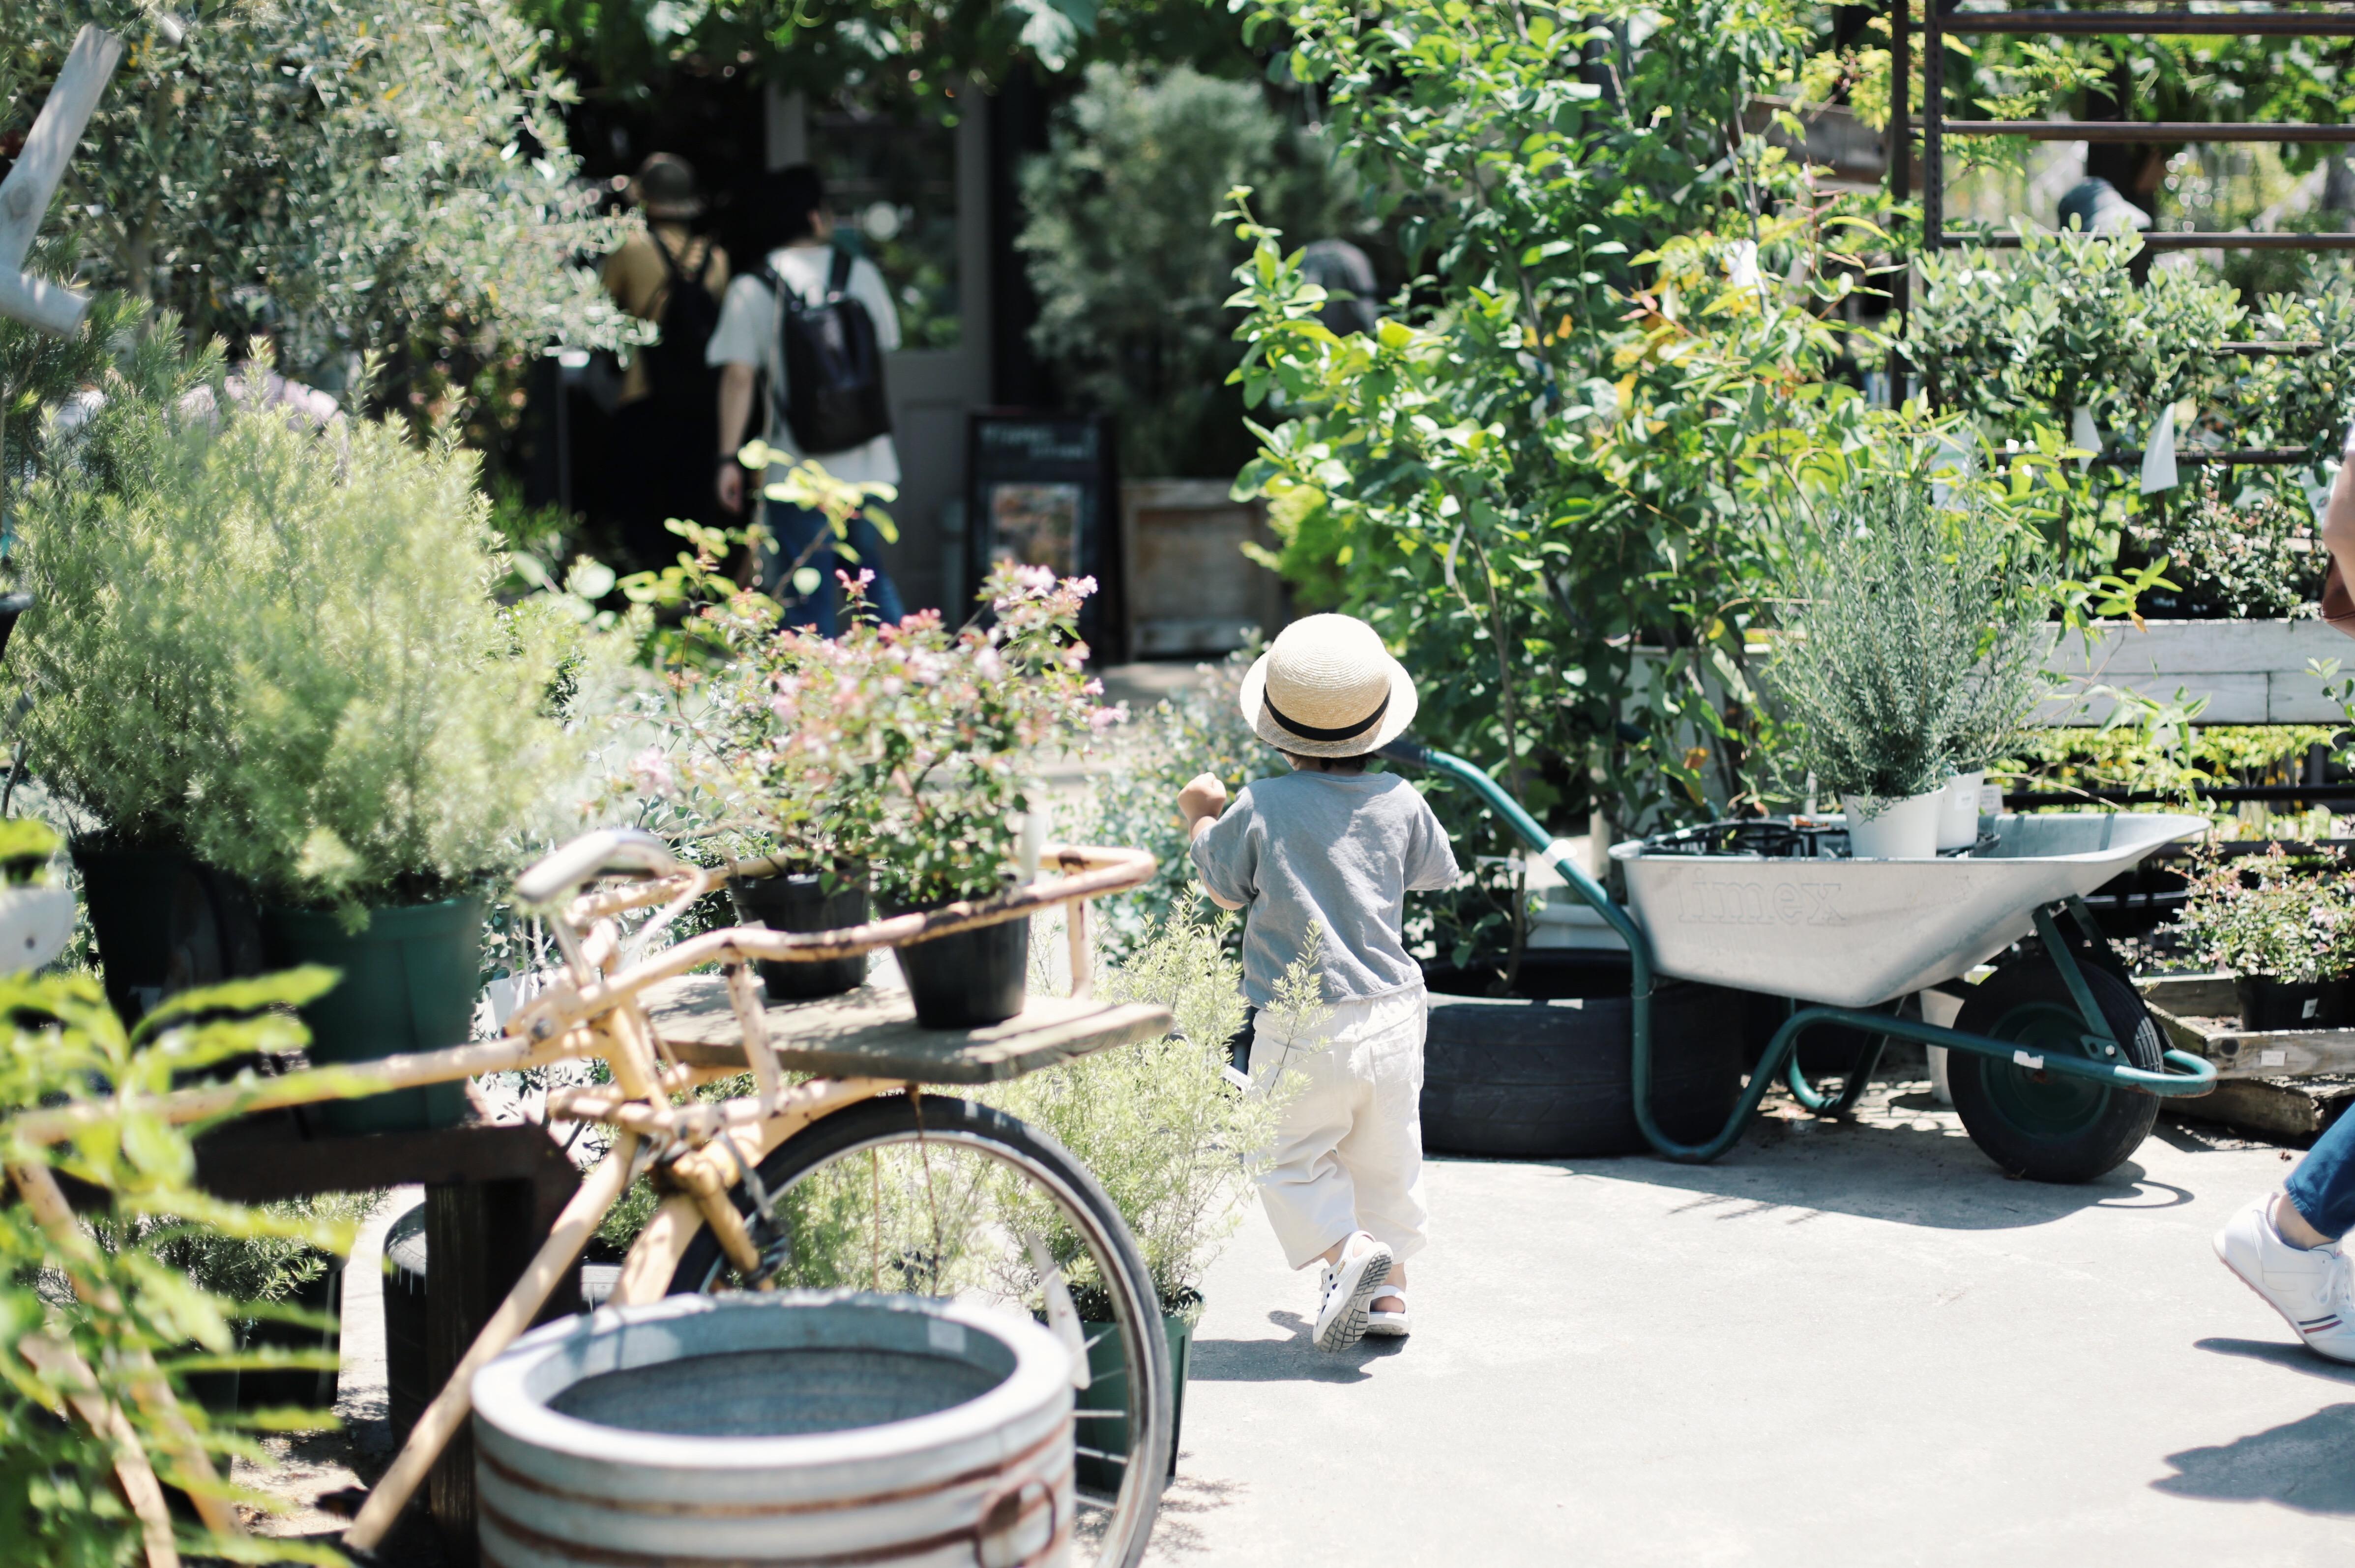 Garden Centre: 家族で楽しめる植物のテーマパーク「ザファームユニバーサル